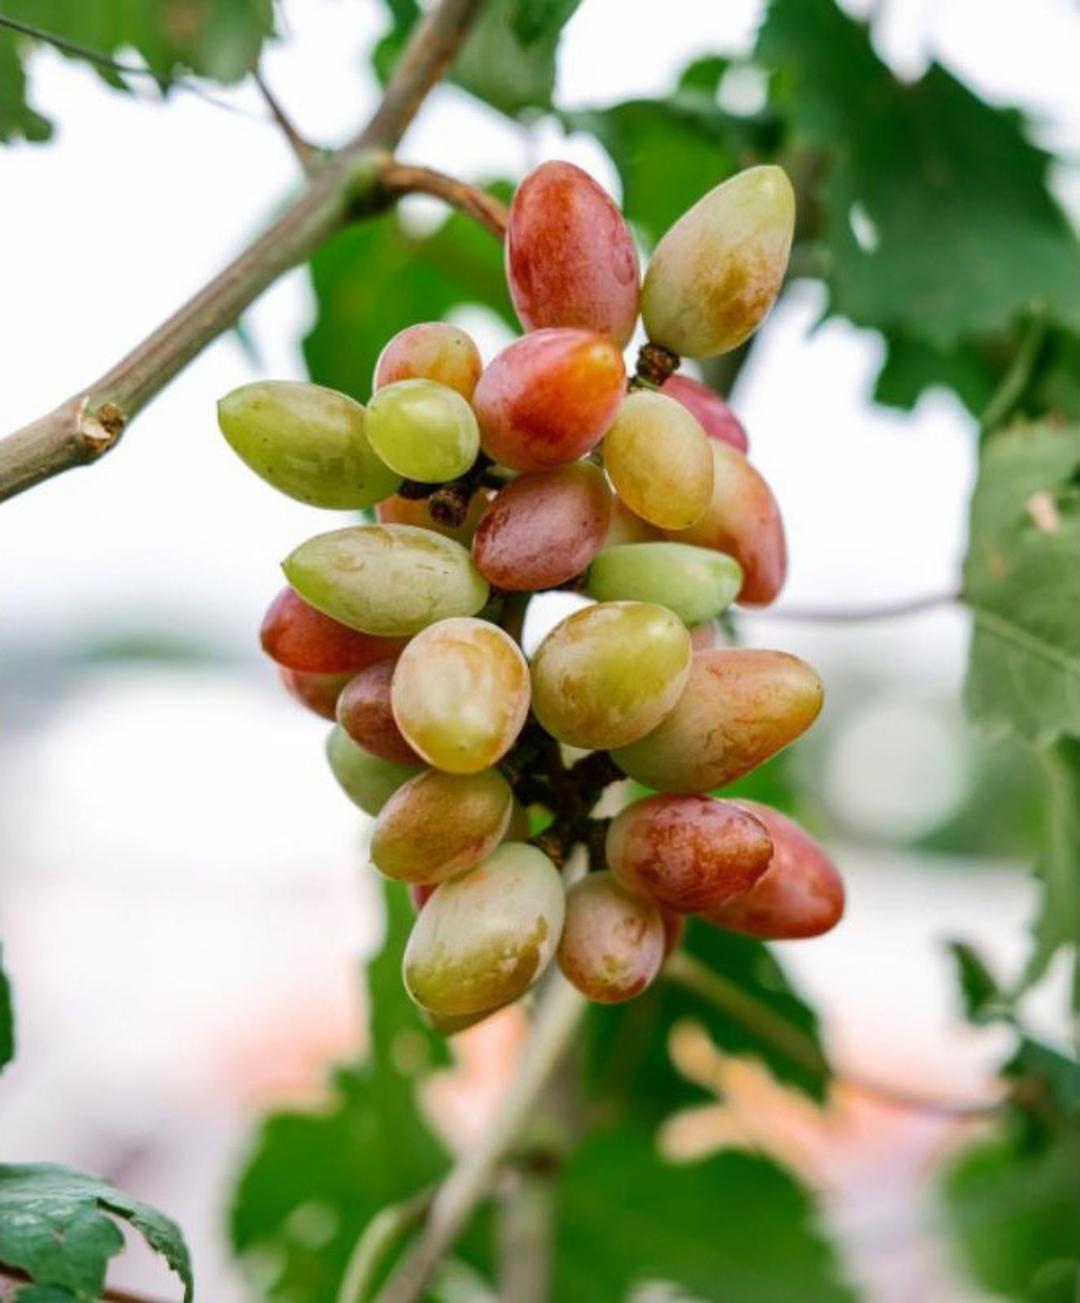 Bisa Borong! bibit anggur siap buah harga di atas 3pohon Kota Bandung #Jual bibit buah